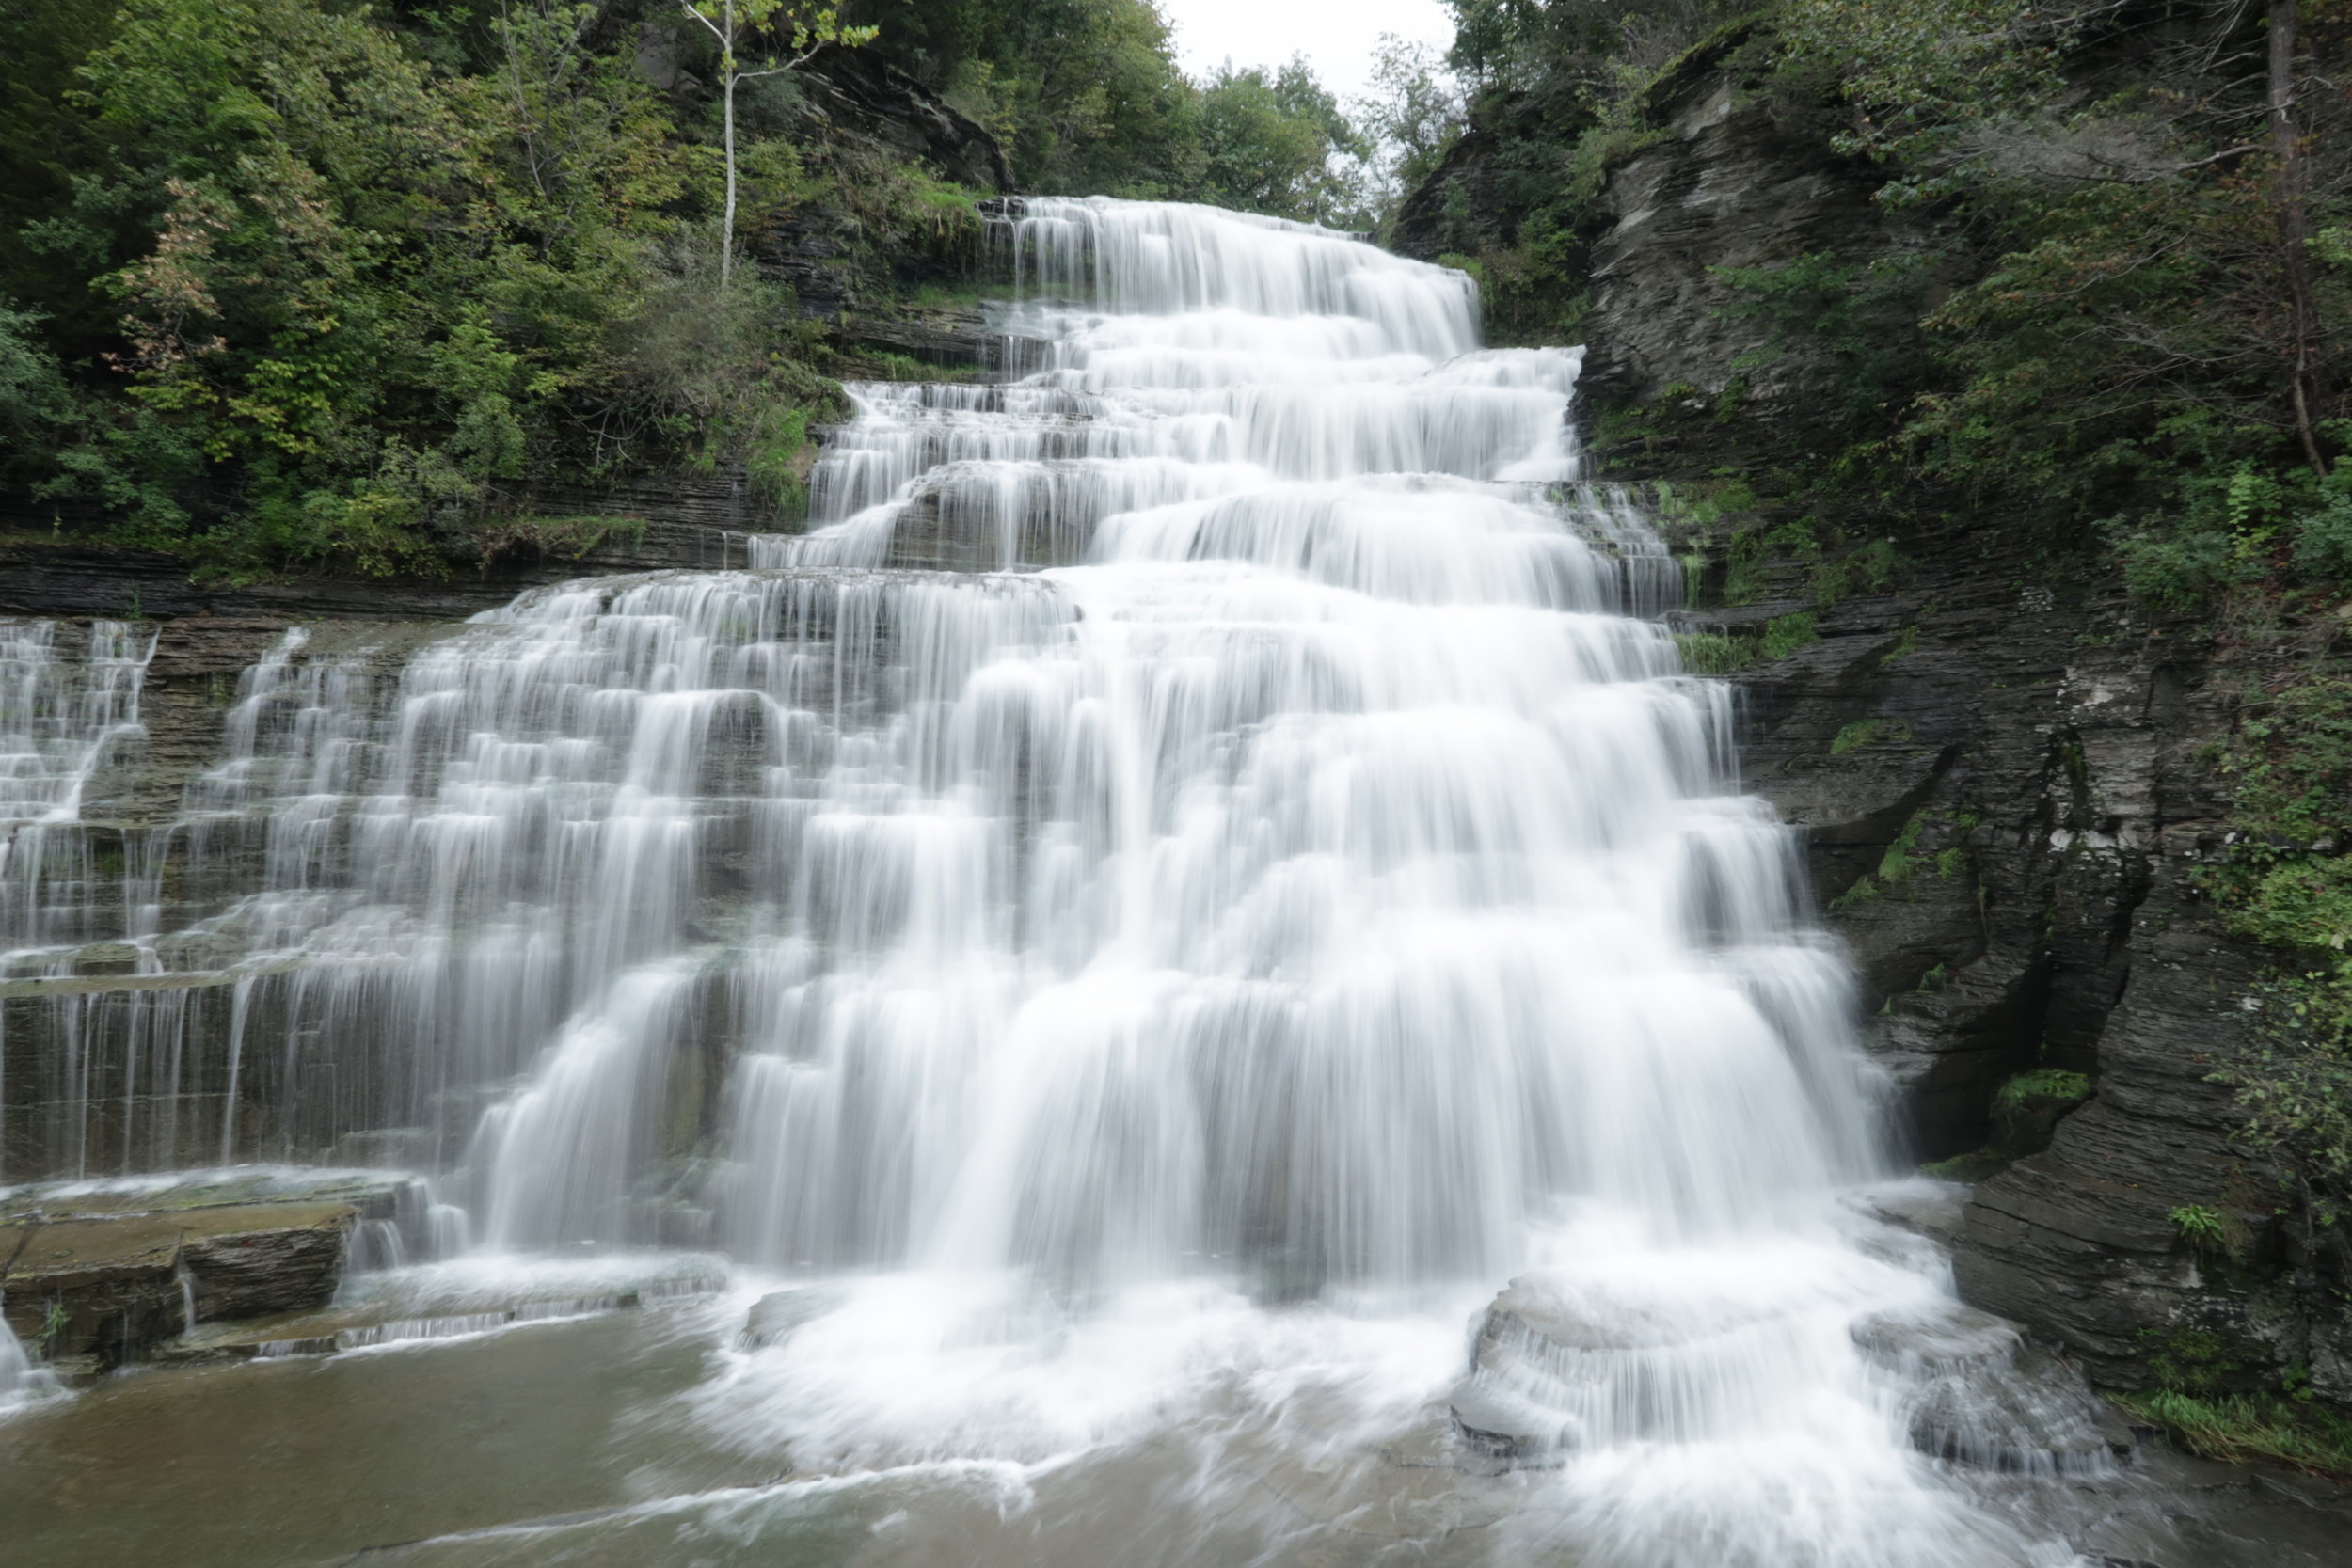 Shequagua Falls